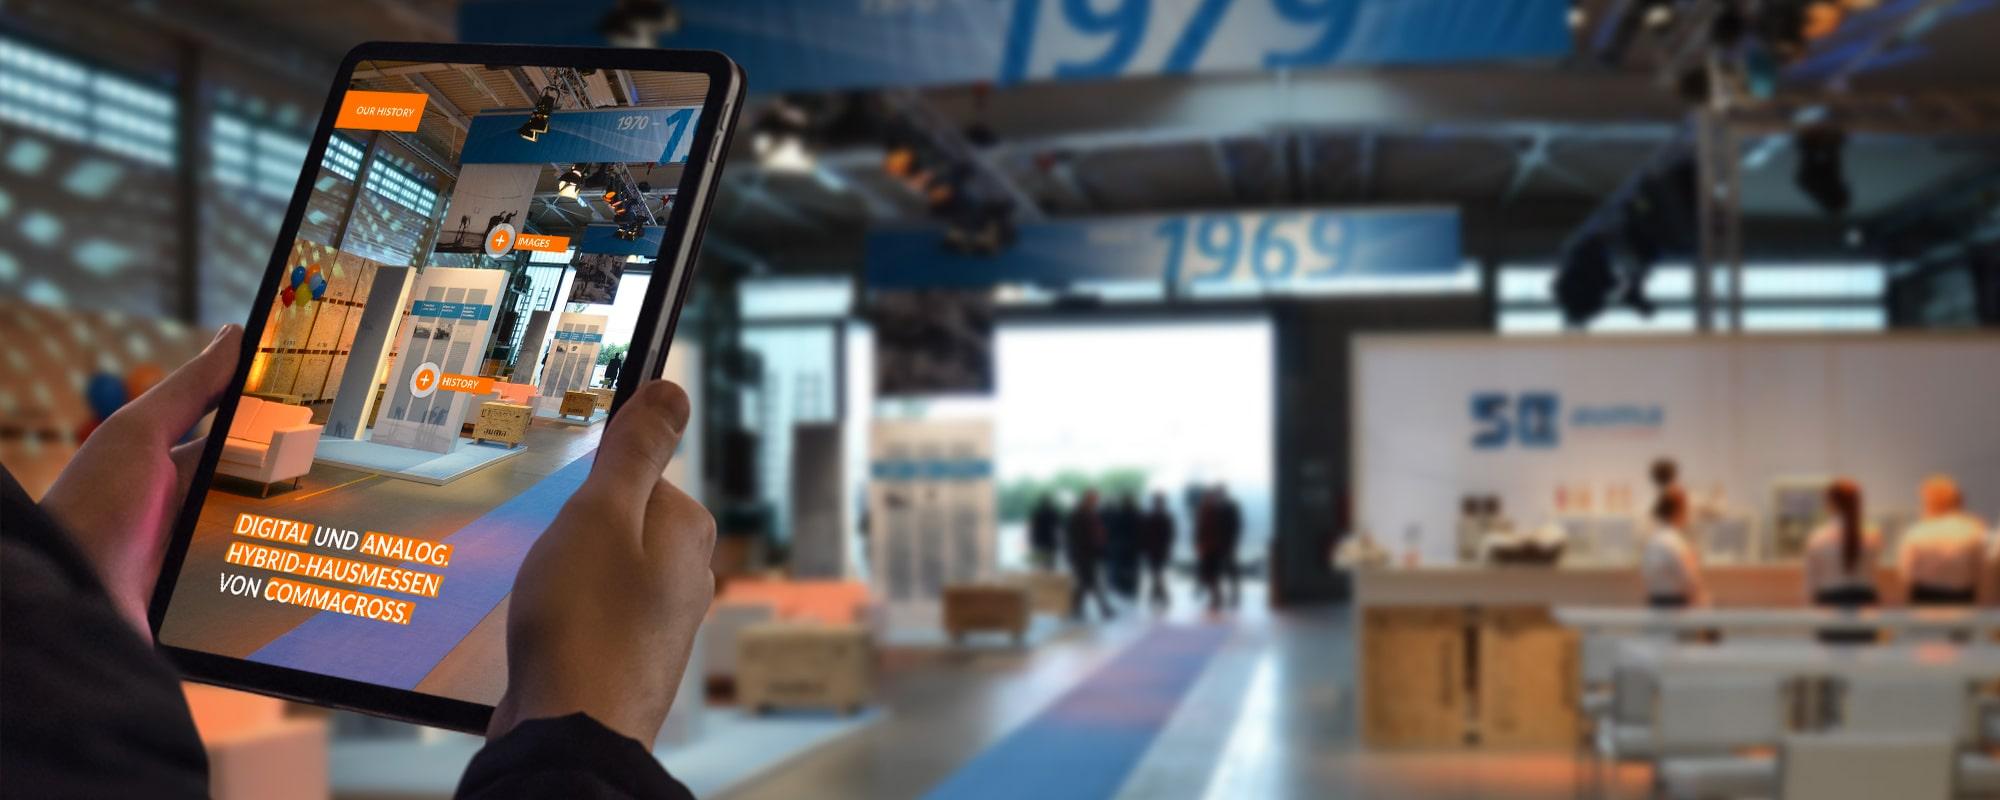 Digitale und analoge Hausmesse von commacross.